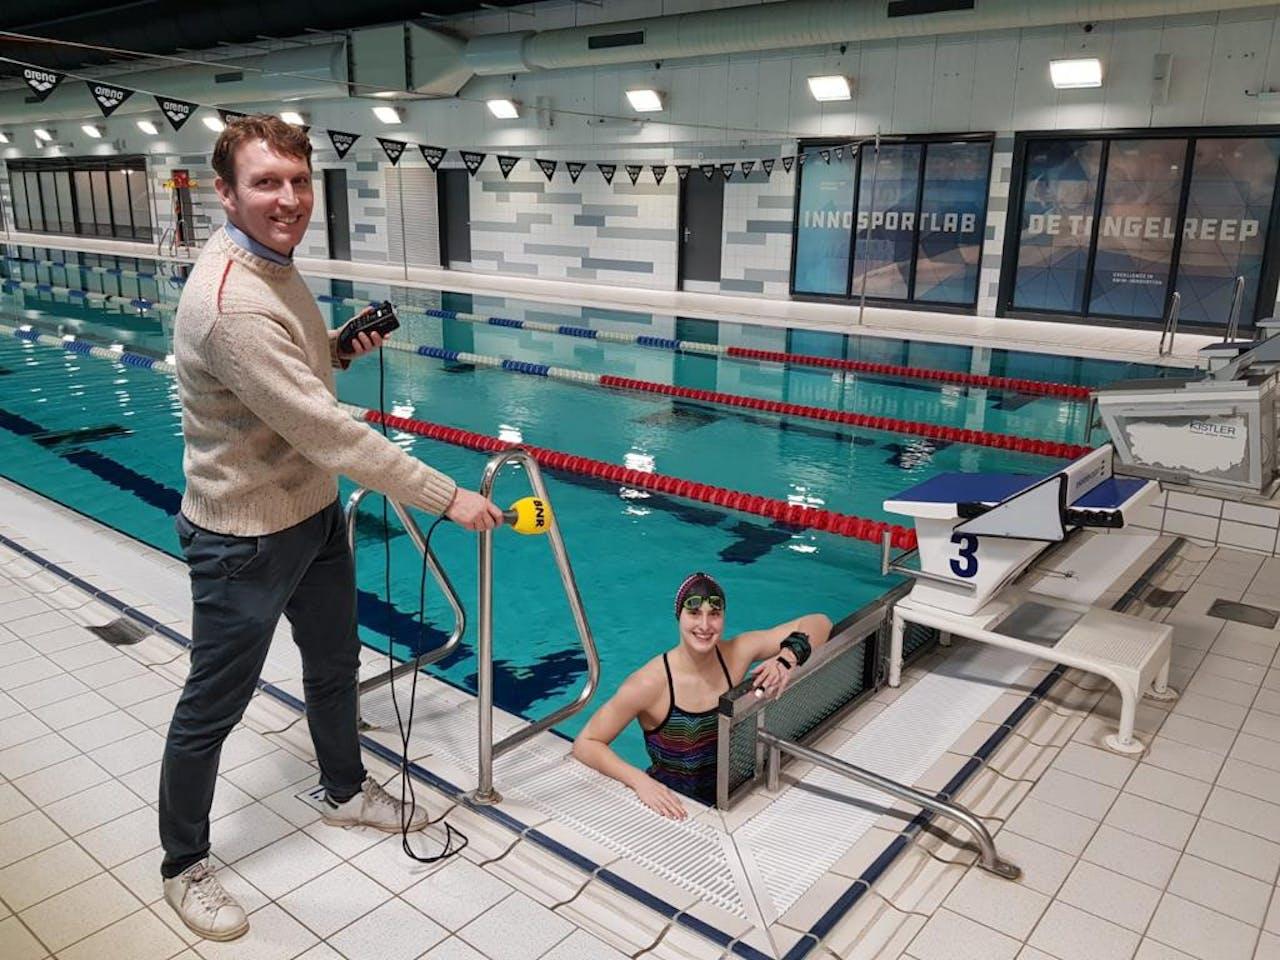 Vanwege de coronamaatregelen neemt Roald van der Vliet eenmalig de taak van Karlijn Meinders over. Hij spreekt zwemtalent Sam van Nunen.